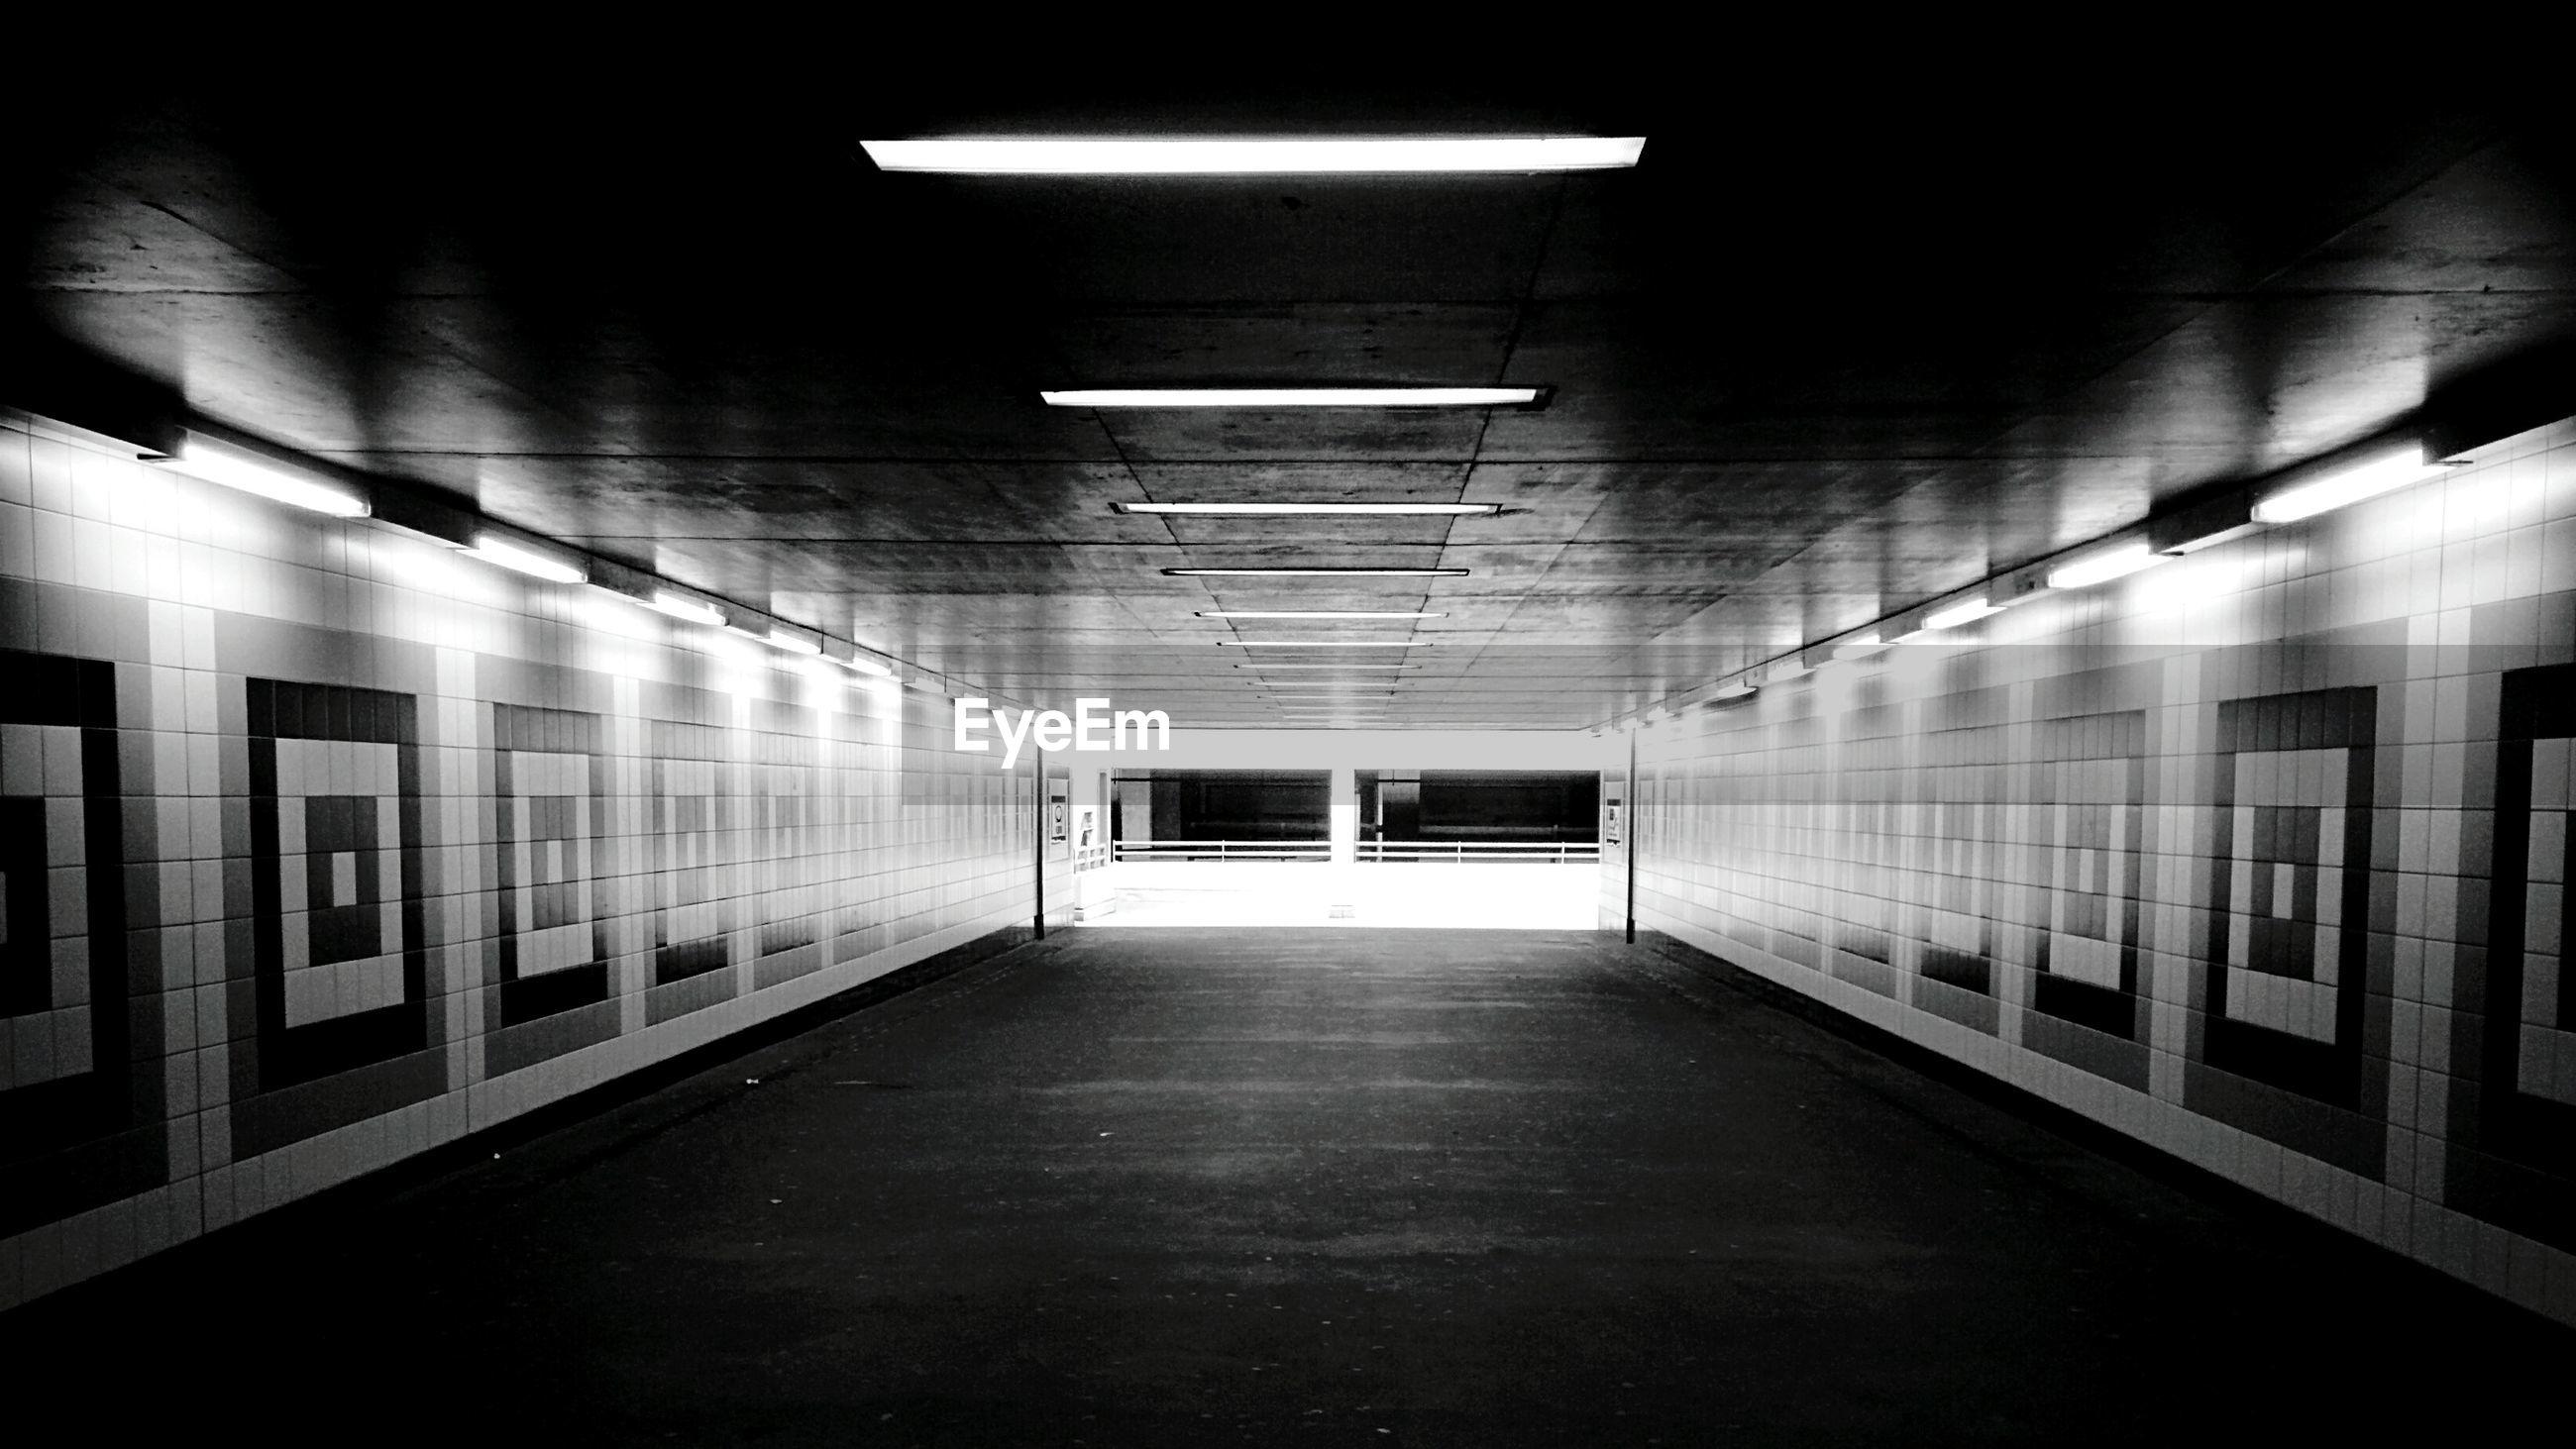 Illuminated empty subway tunnel